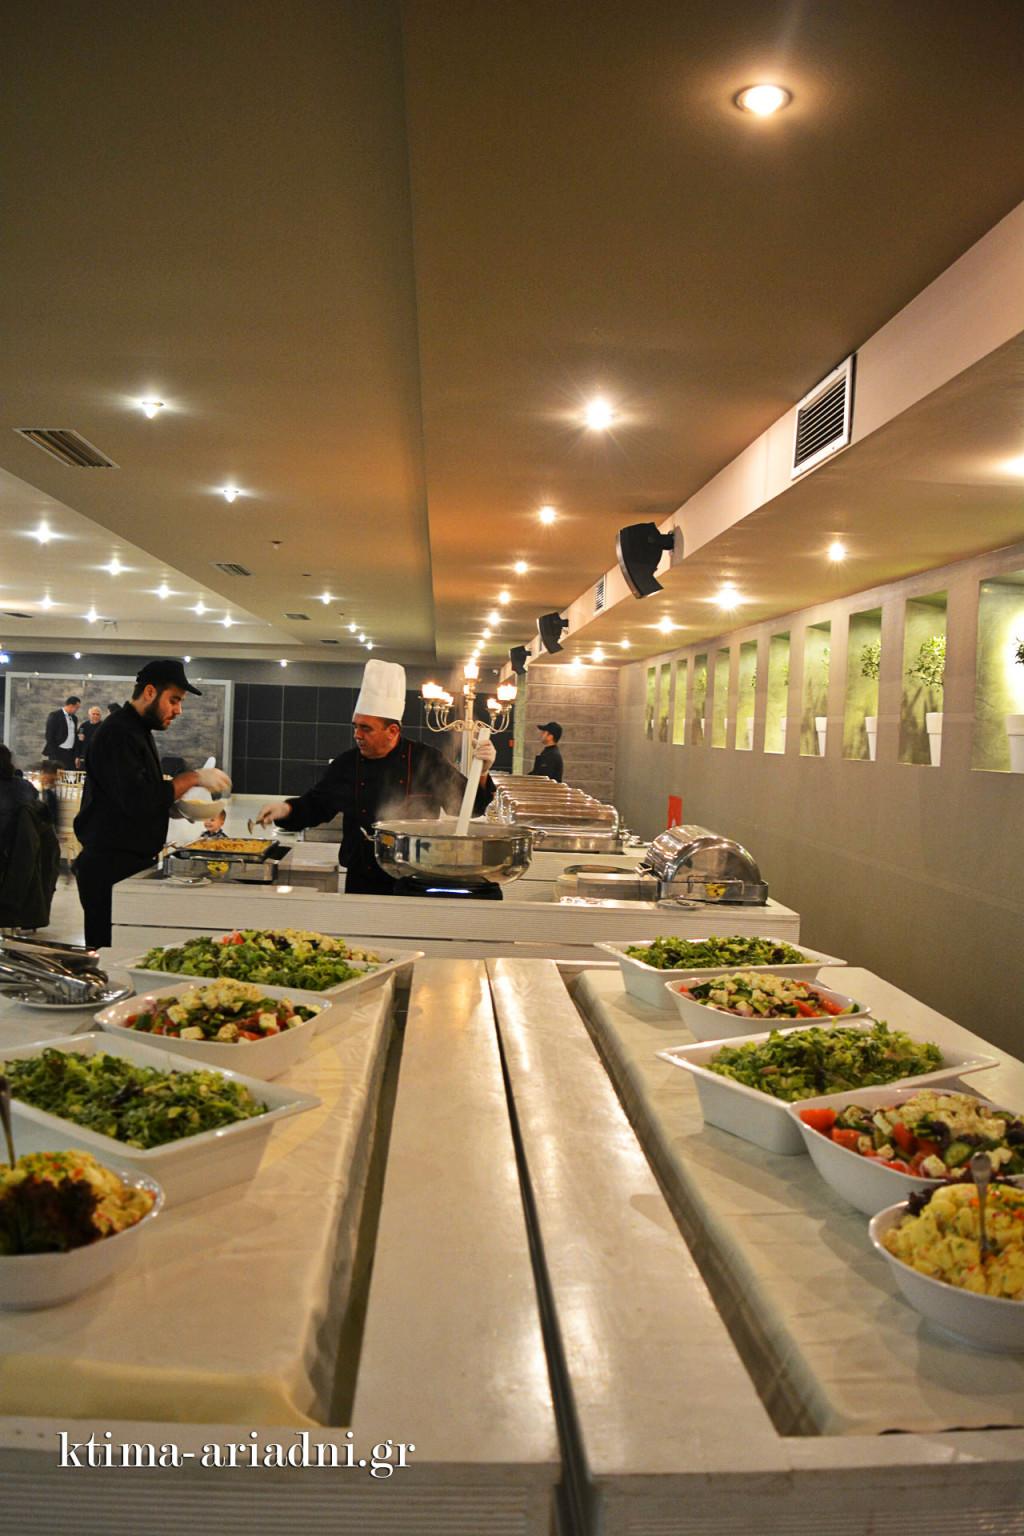 Άποψη του buffet κατά την προετοιμασία